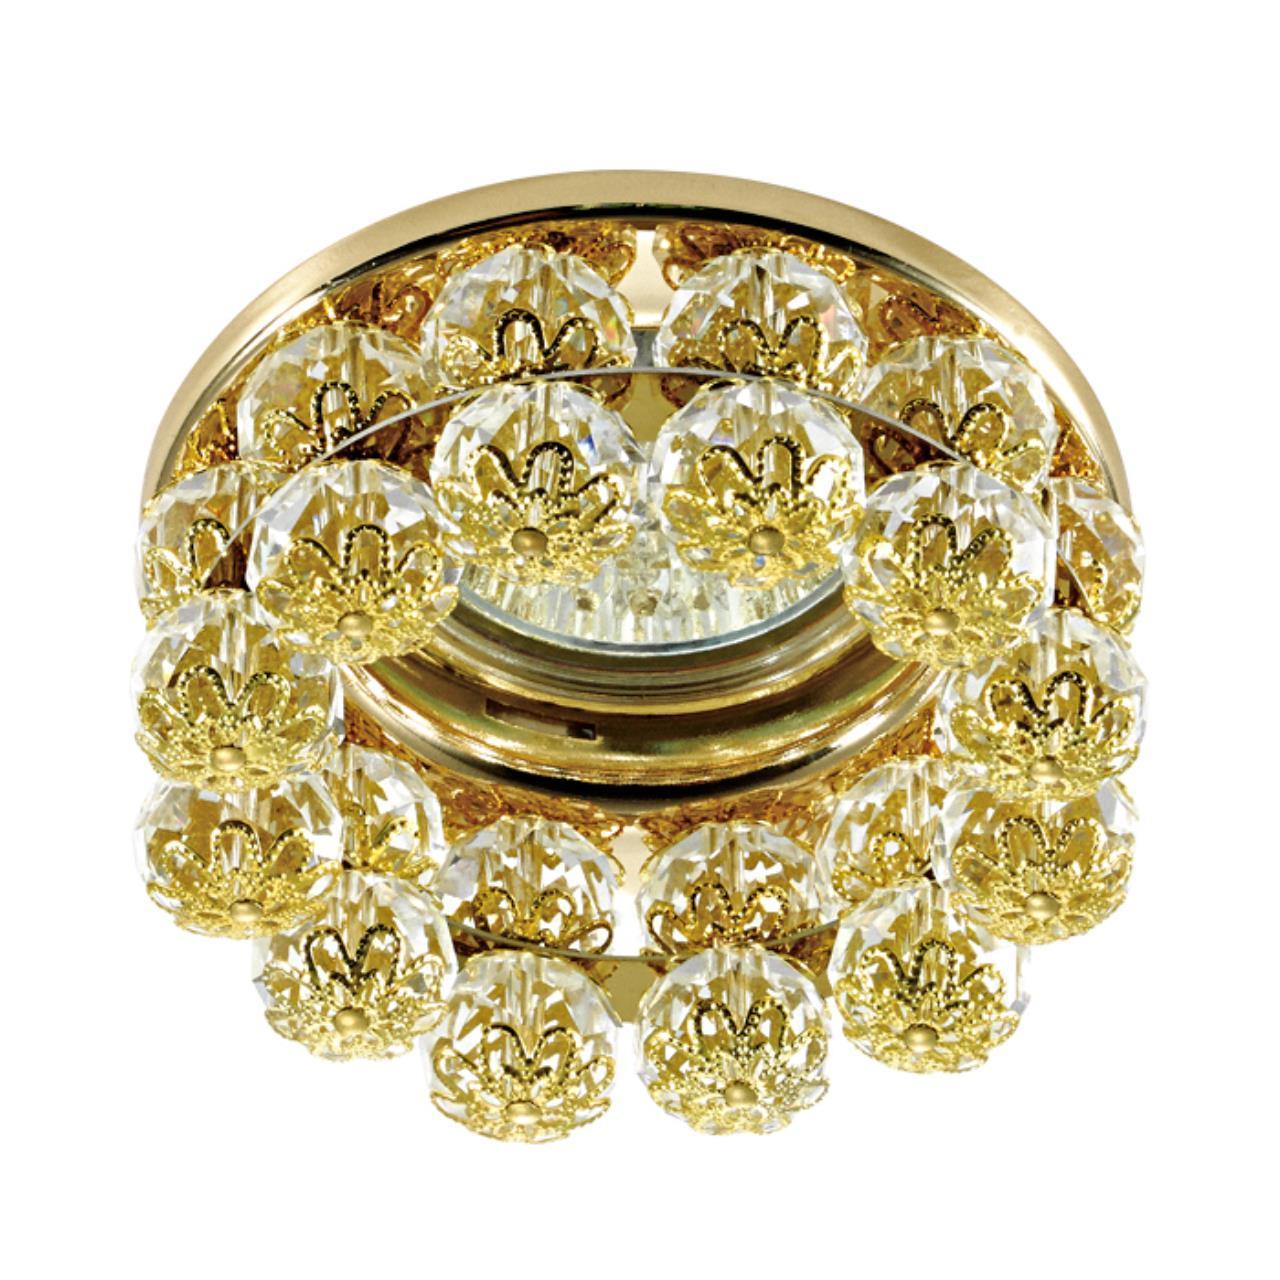 370228 SPOT NT16 123 золото Встраиваемый декоративный светильник IP20 GX5.3 50W 12V MALINY